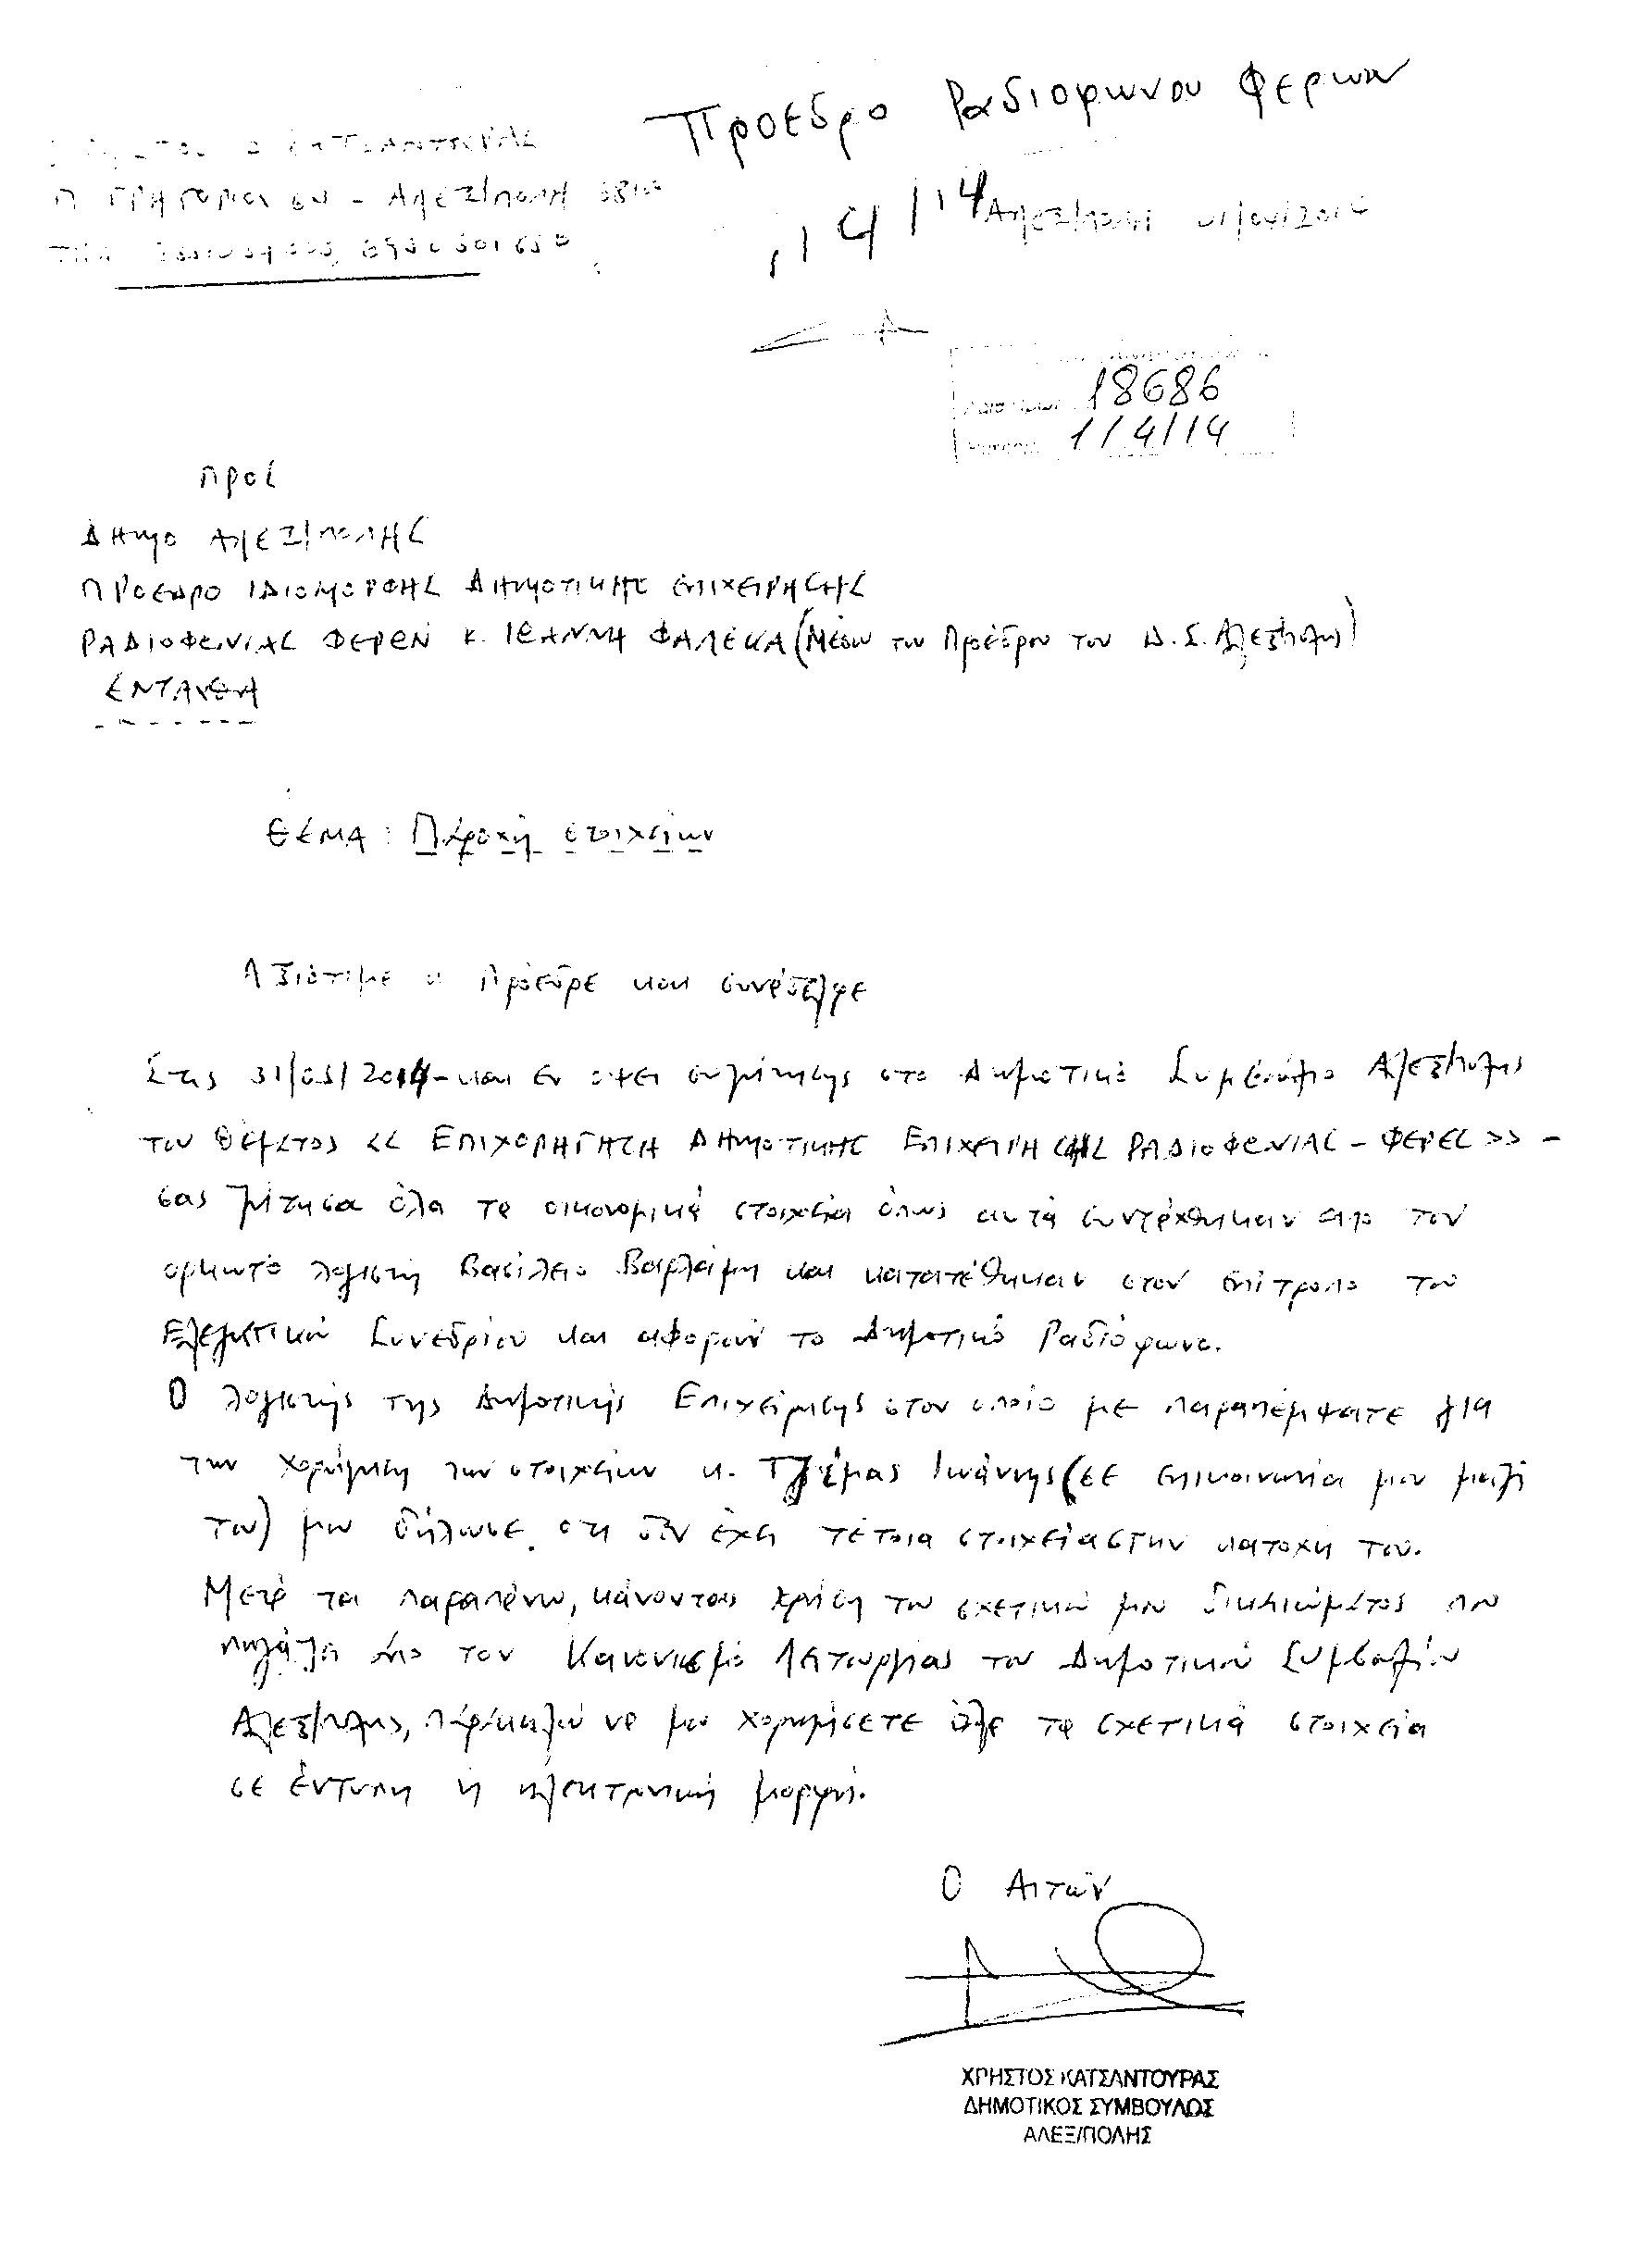 Αίτημα Προσκόμισης Στοιχείων για Δημοτικό Ραδιόφωνο Φερών από τον κ. Χρήστο Κατσαντούρα την 1/4/2014